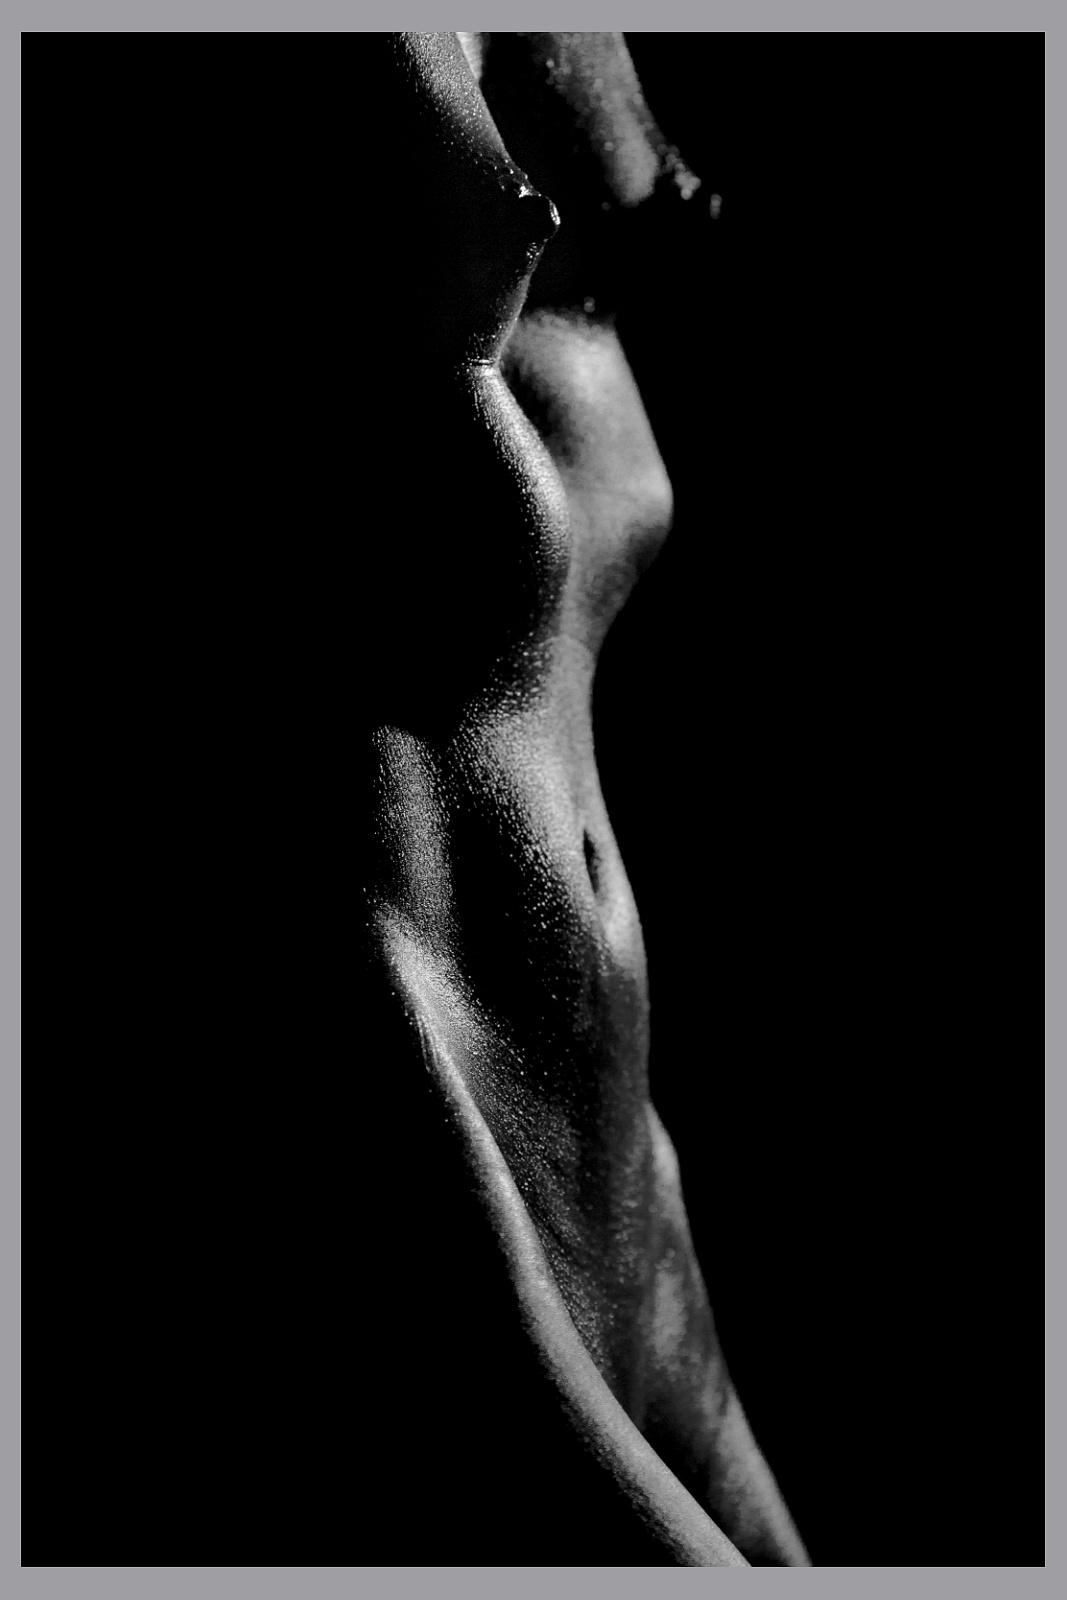 Nude - L'occasione di un workshop di nudo produce una serie di suggestive immagini